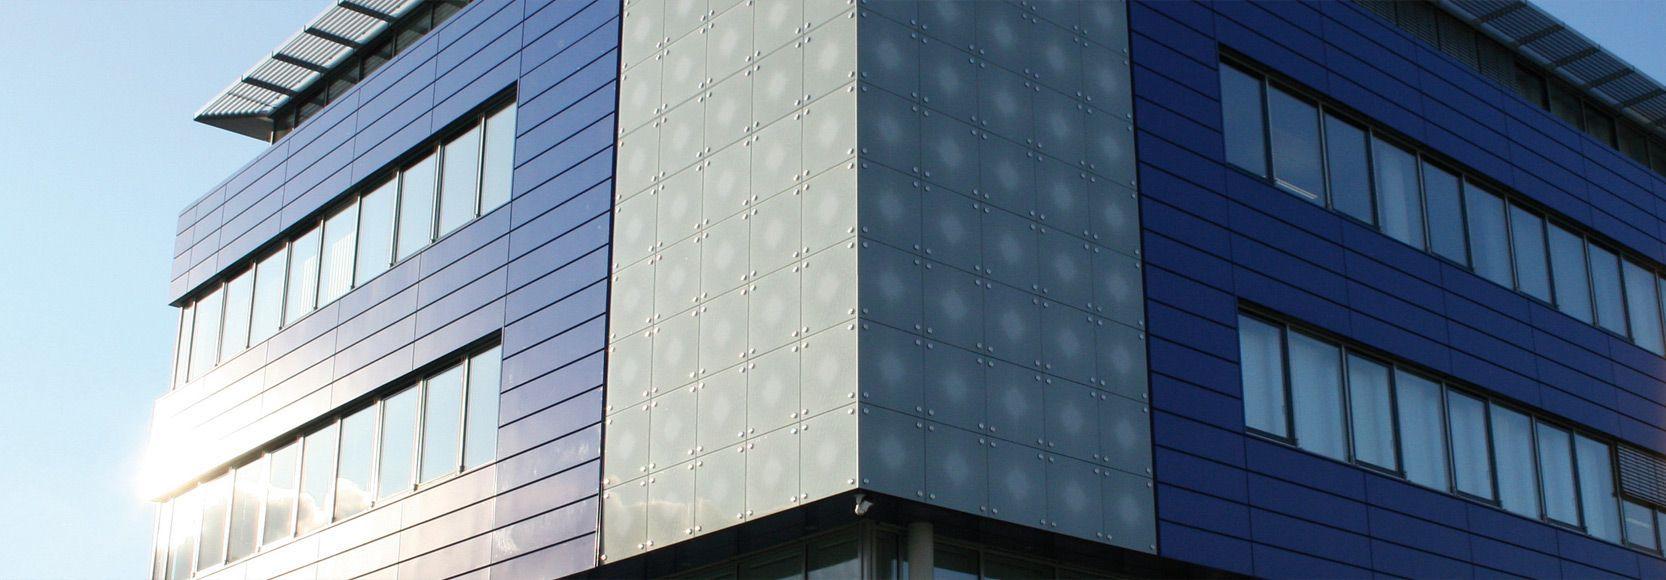 Zöpnek GmbH & Co KG